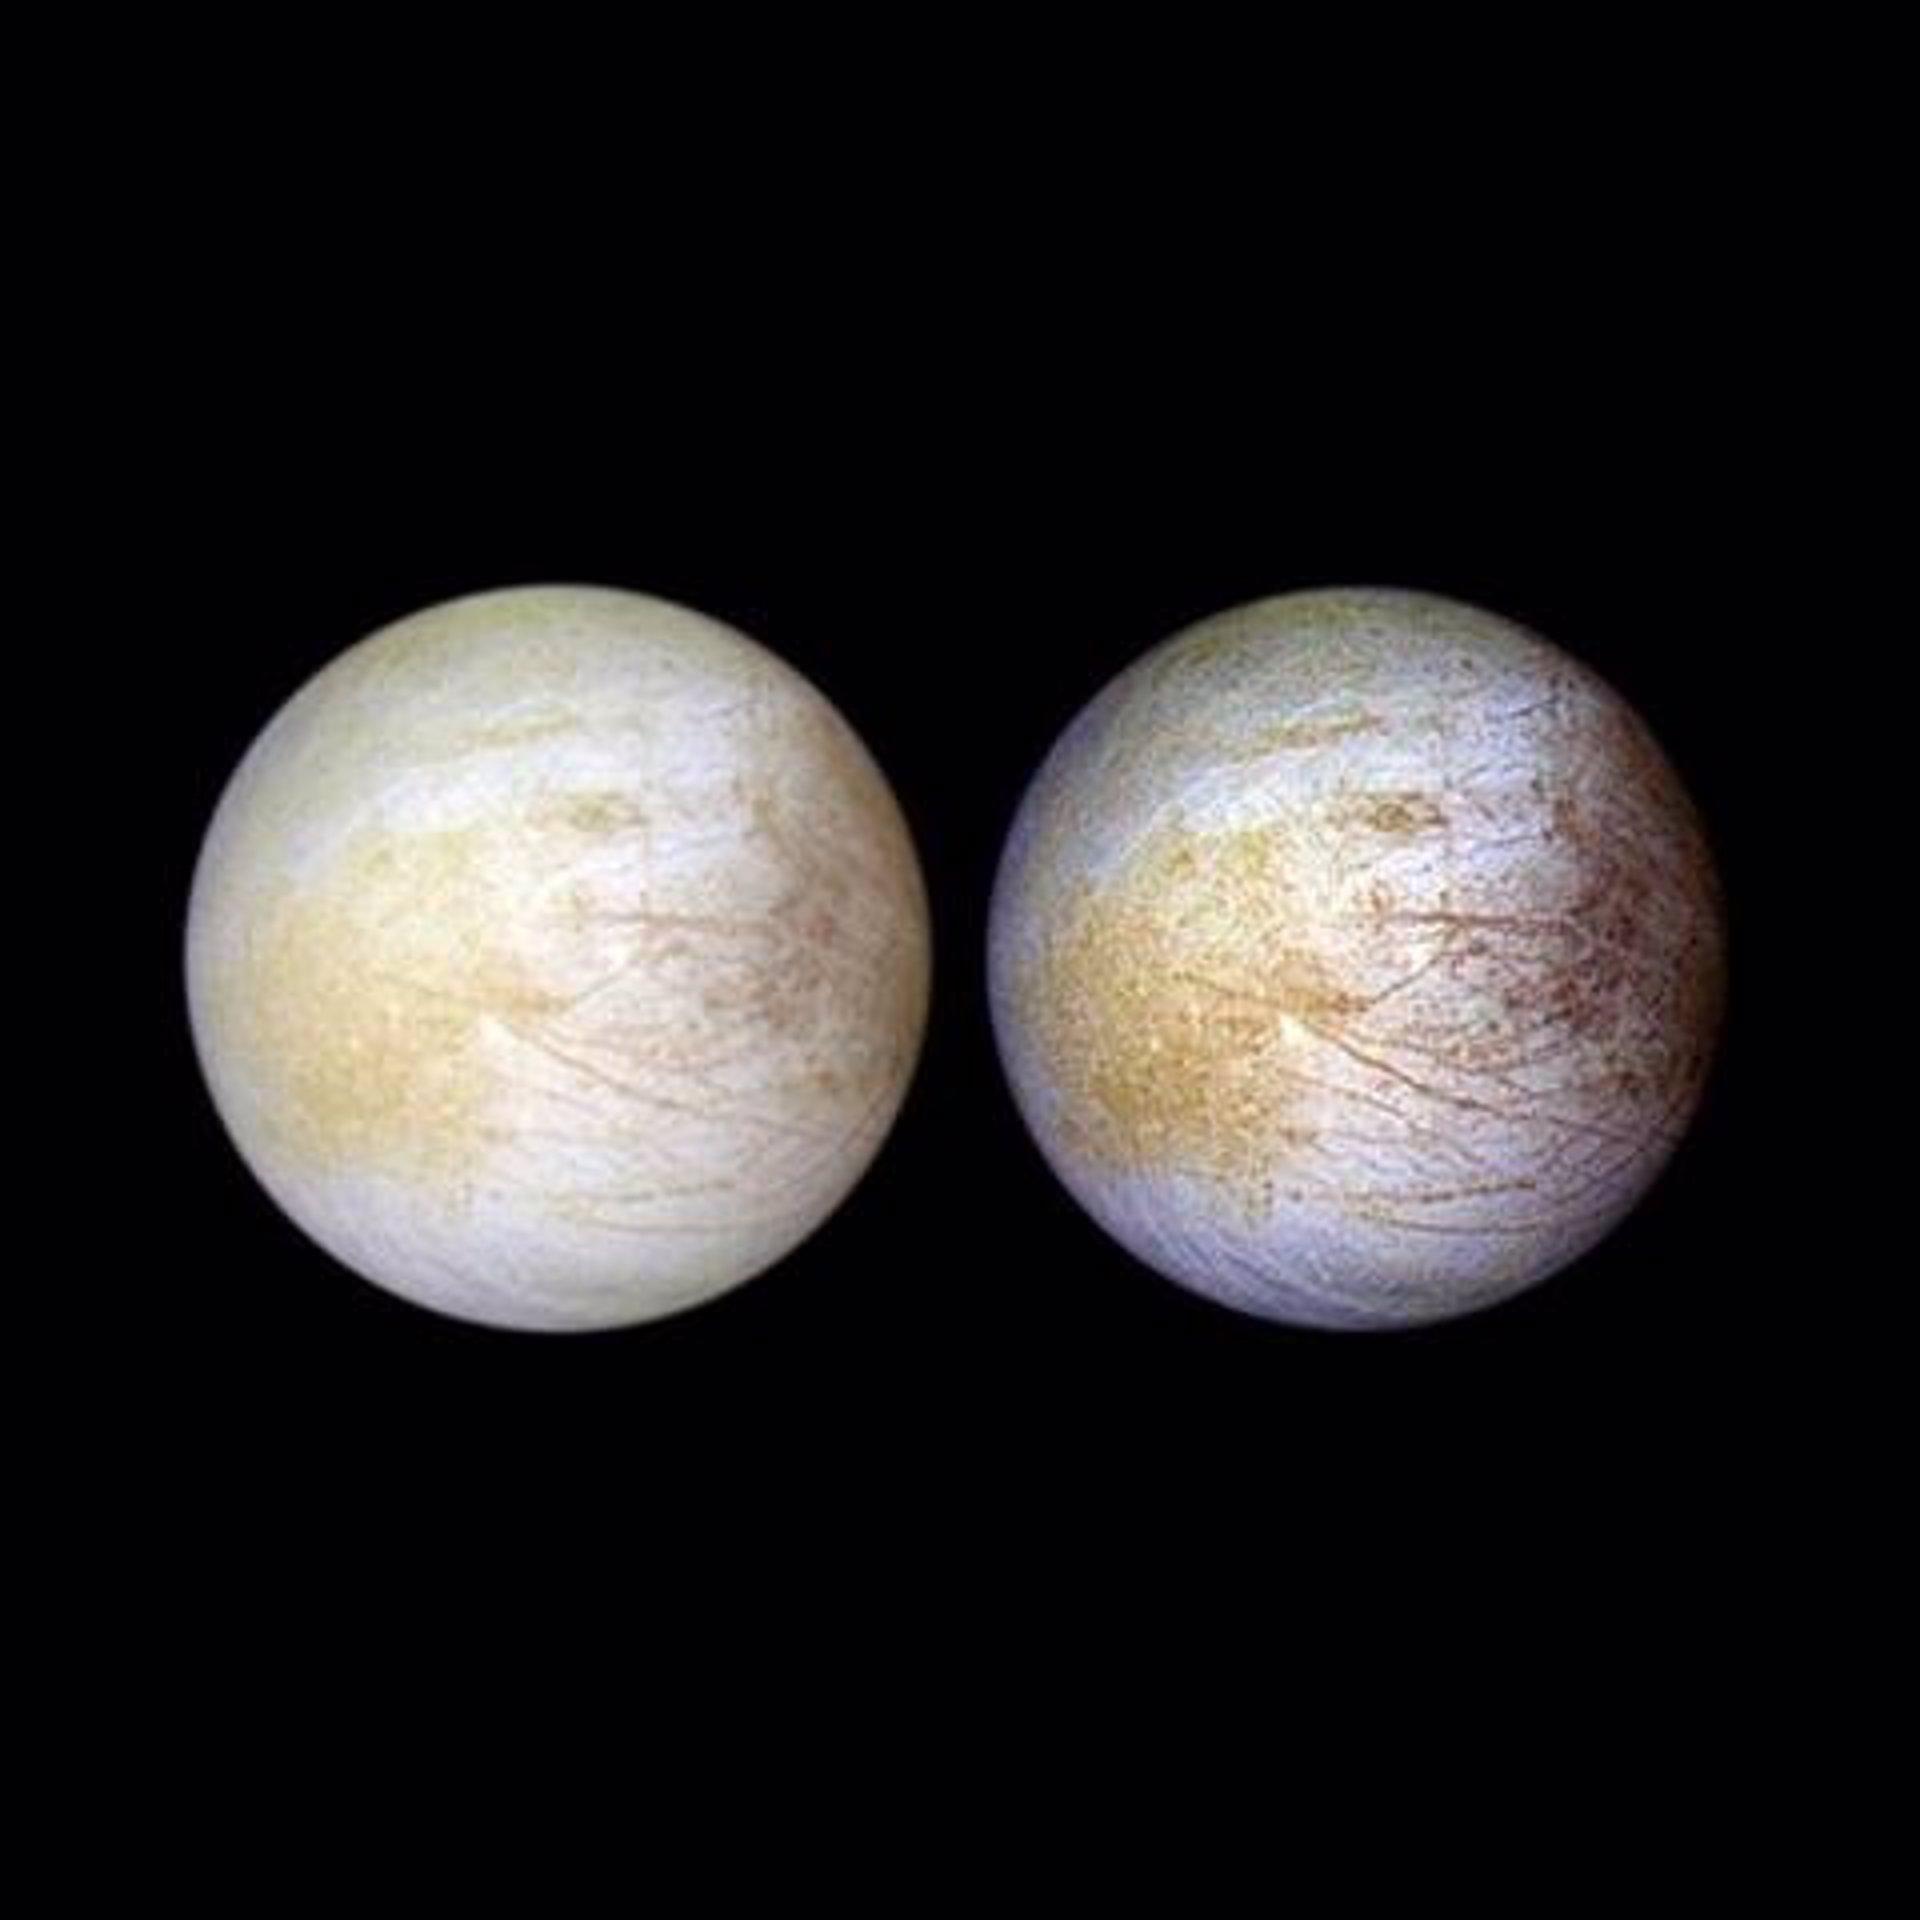 Científicos creen que podría haber vida en los océanos de la luna Europa